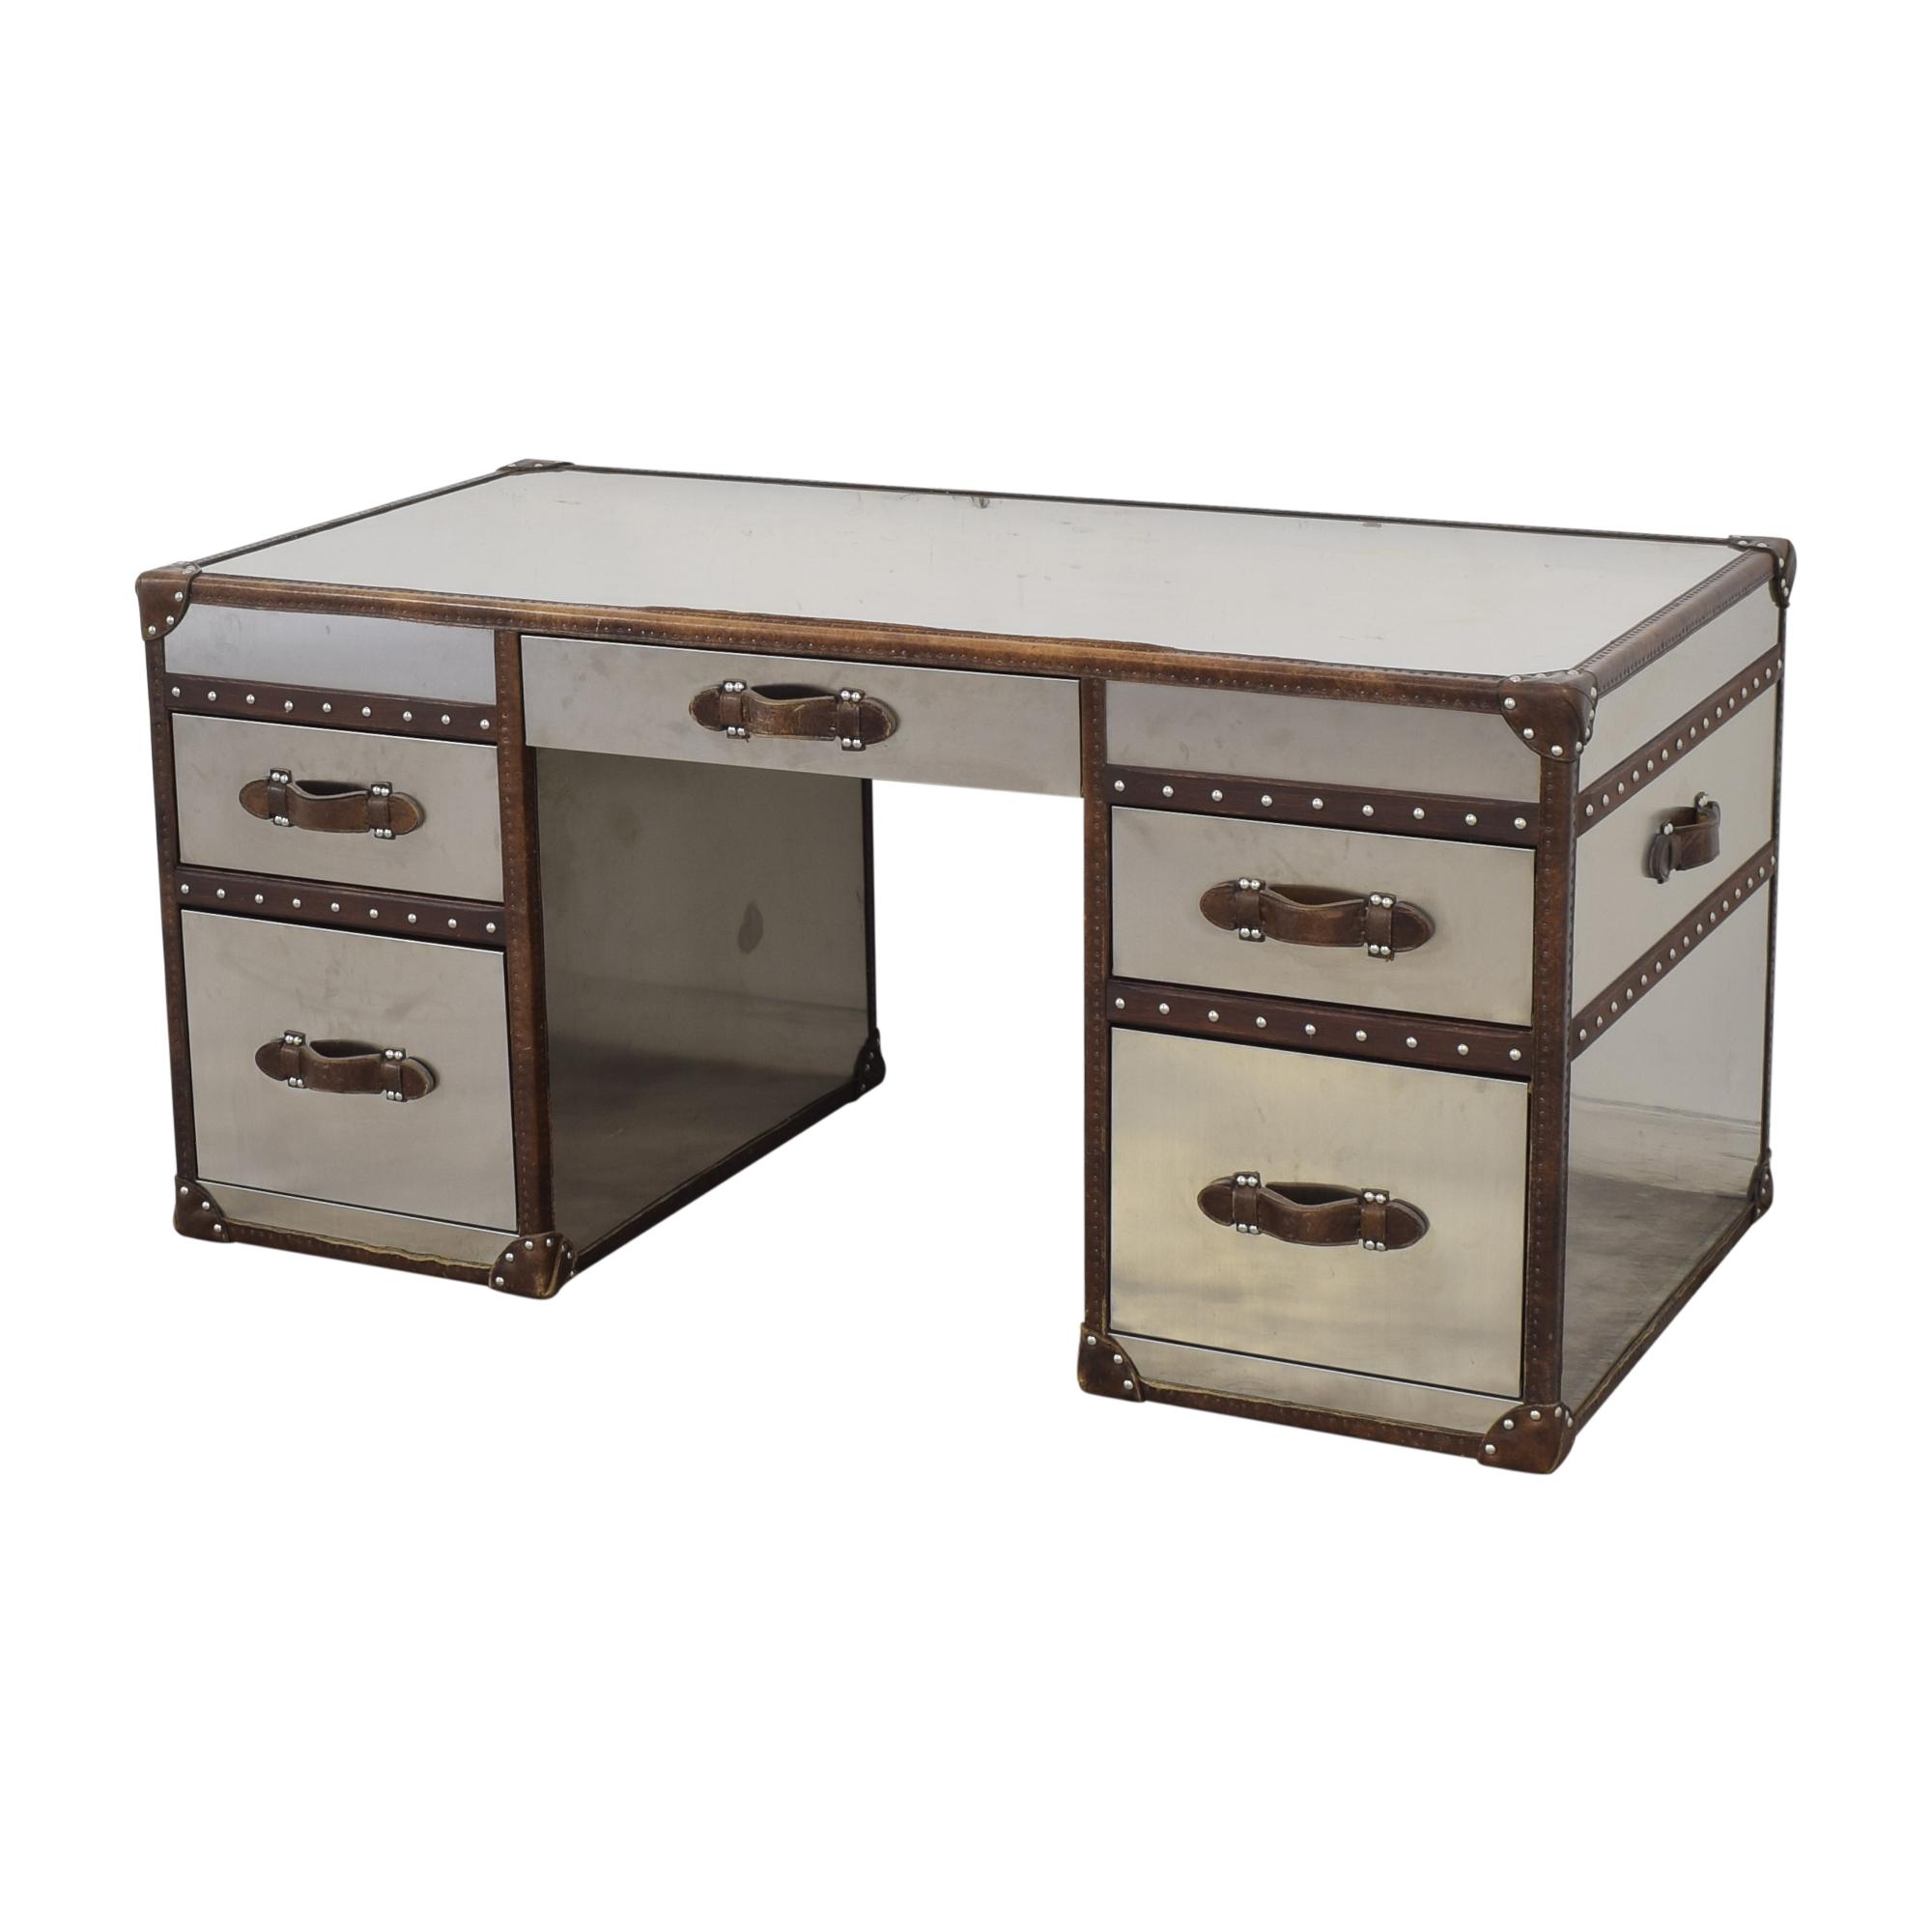 Restoration Hardware Restoration Hardware Mayfair Streamer Trunk Desk for sale